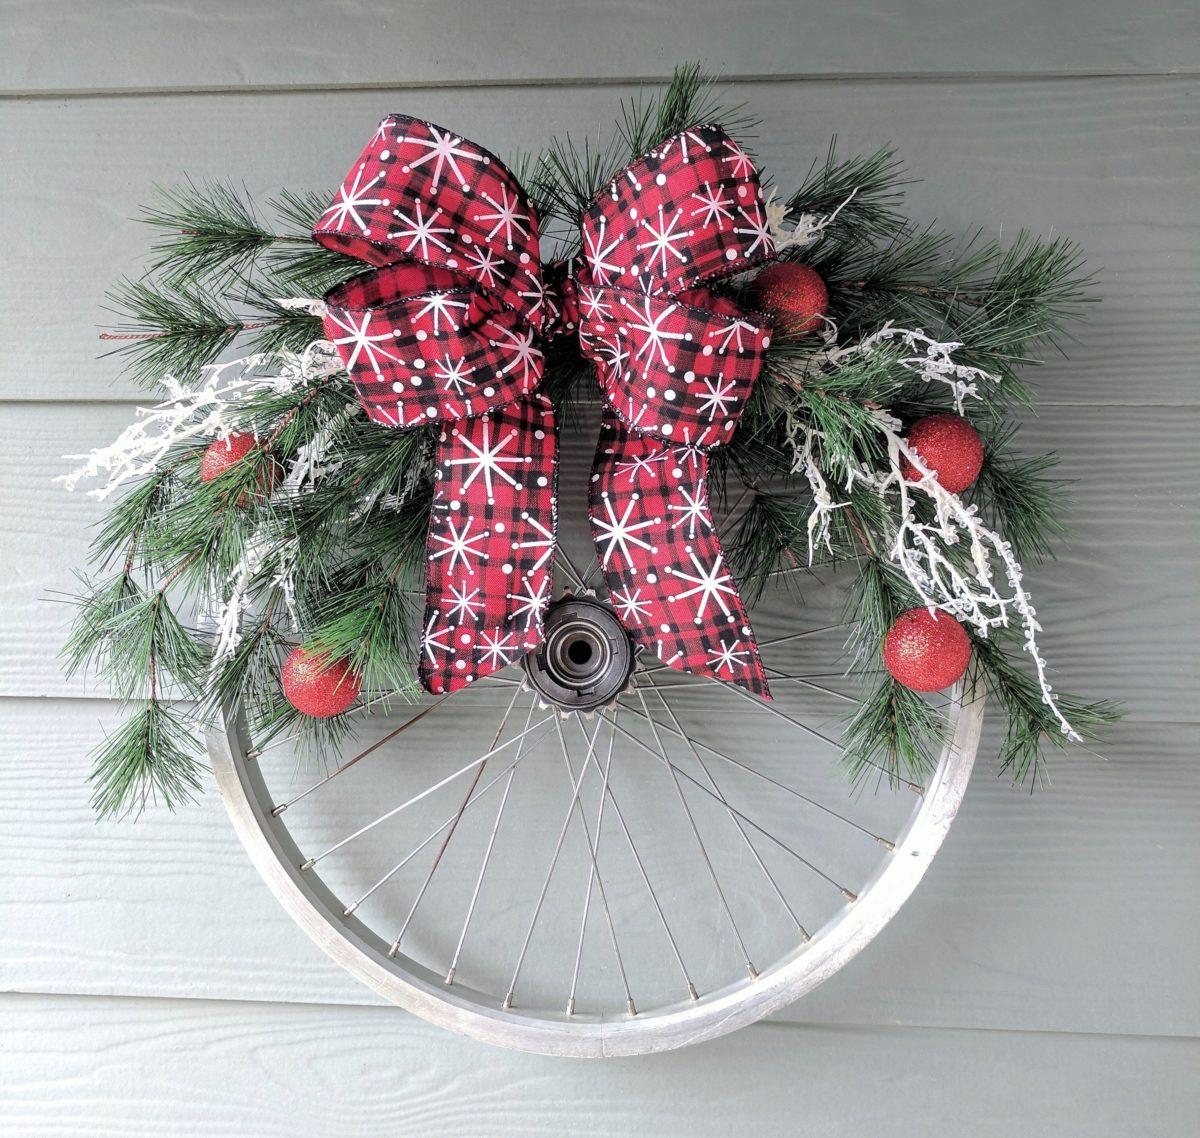 decorazione-natalizia-bici-ruota-ghirlanda